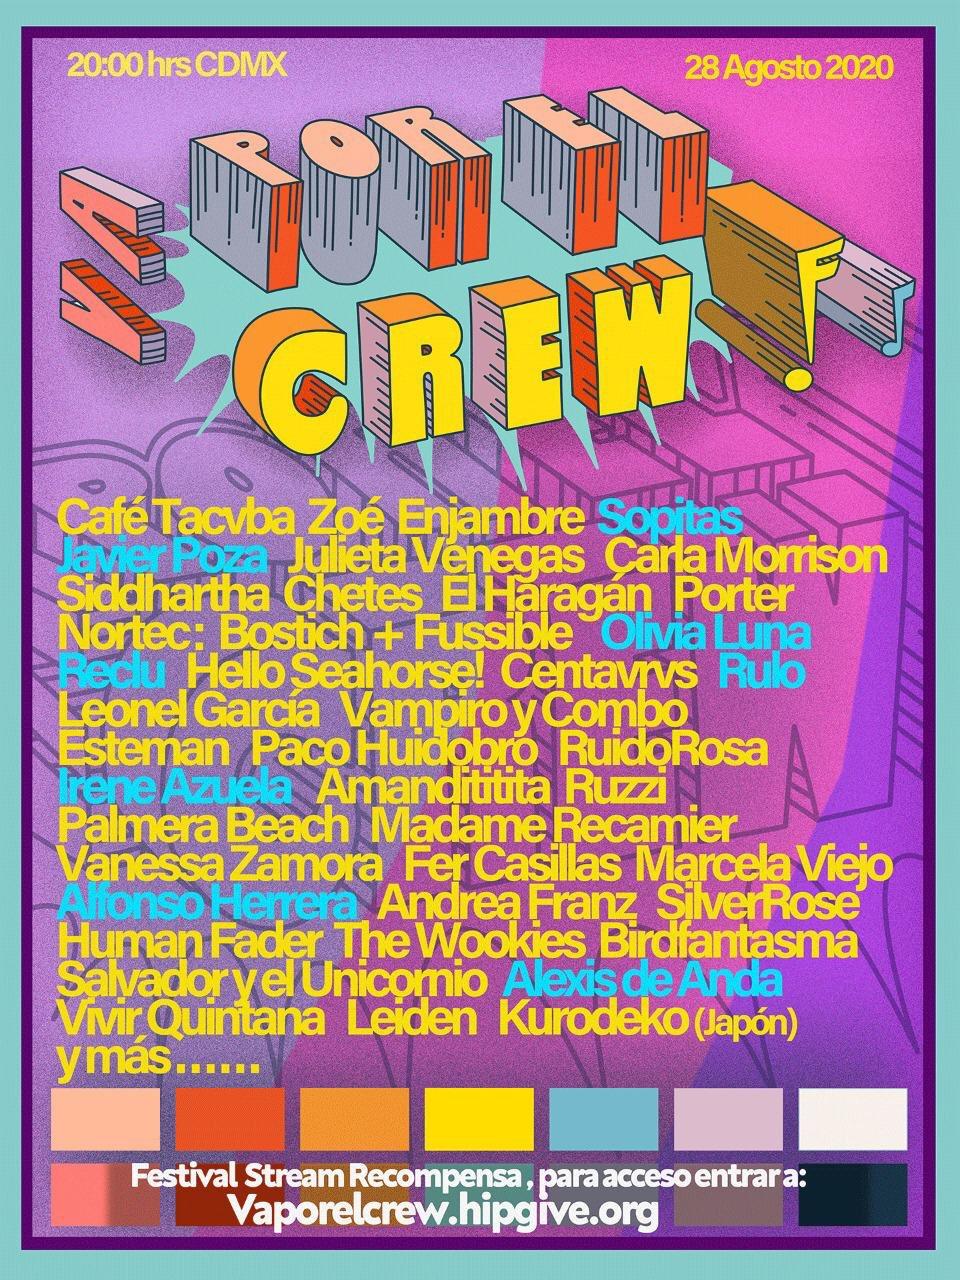 Va Por El Crew Festival Virtual, cartel con artistas que se presentarán.